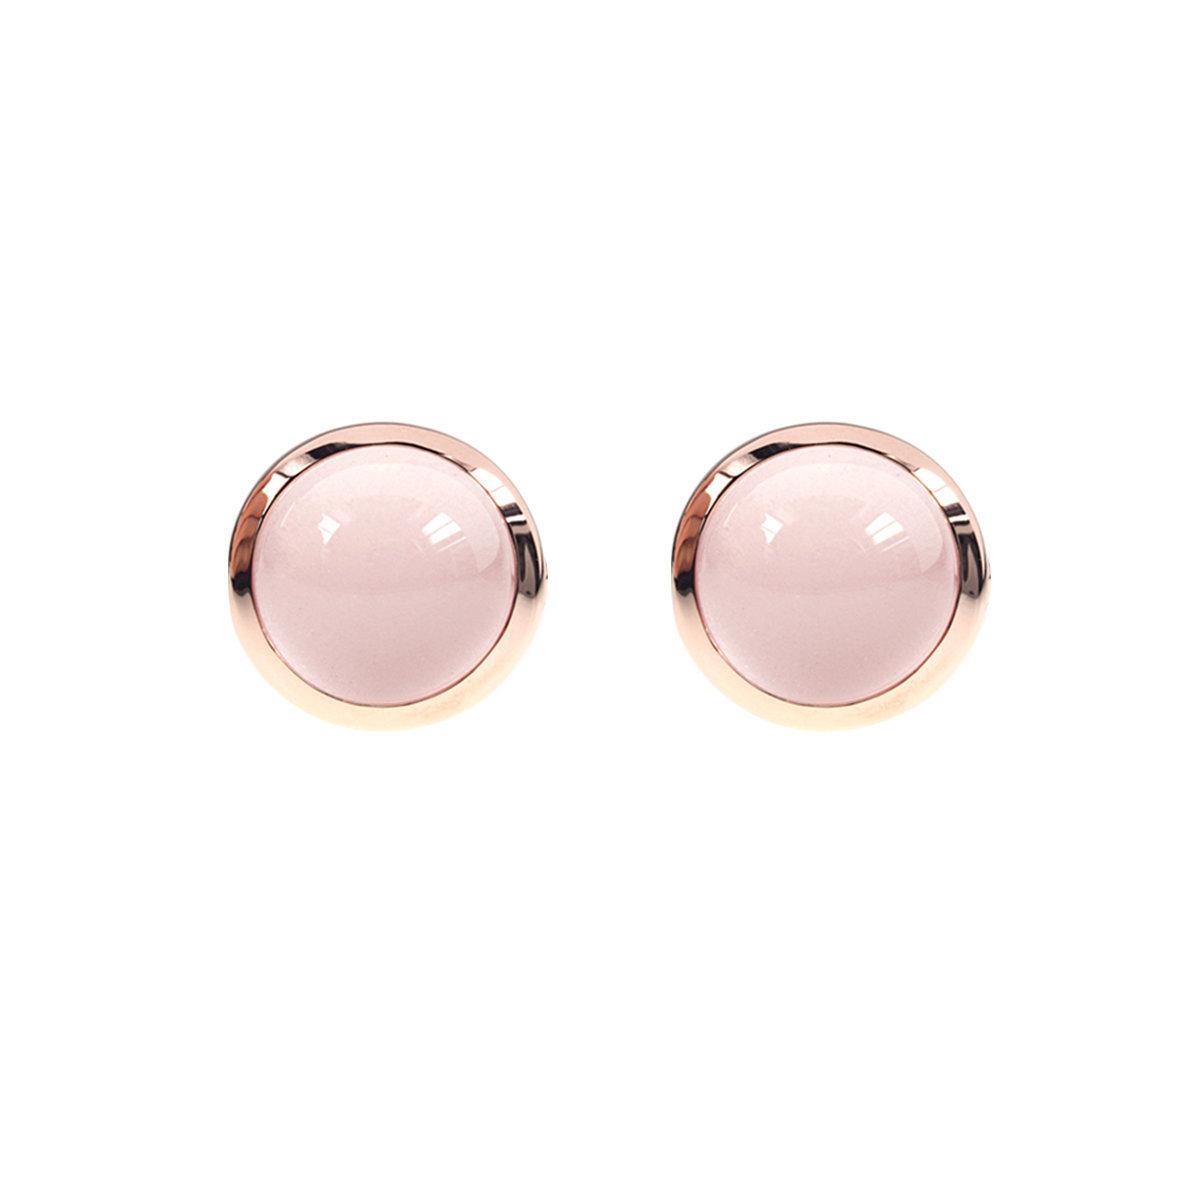 無條件的愛系列- 玫瑰金色925純銀鑲粉紅水晶耳環